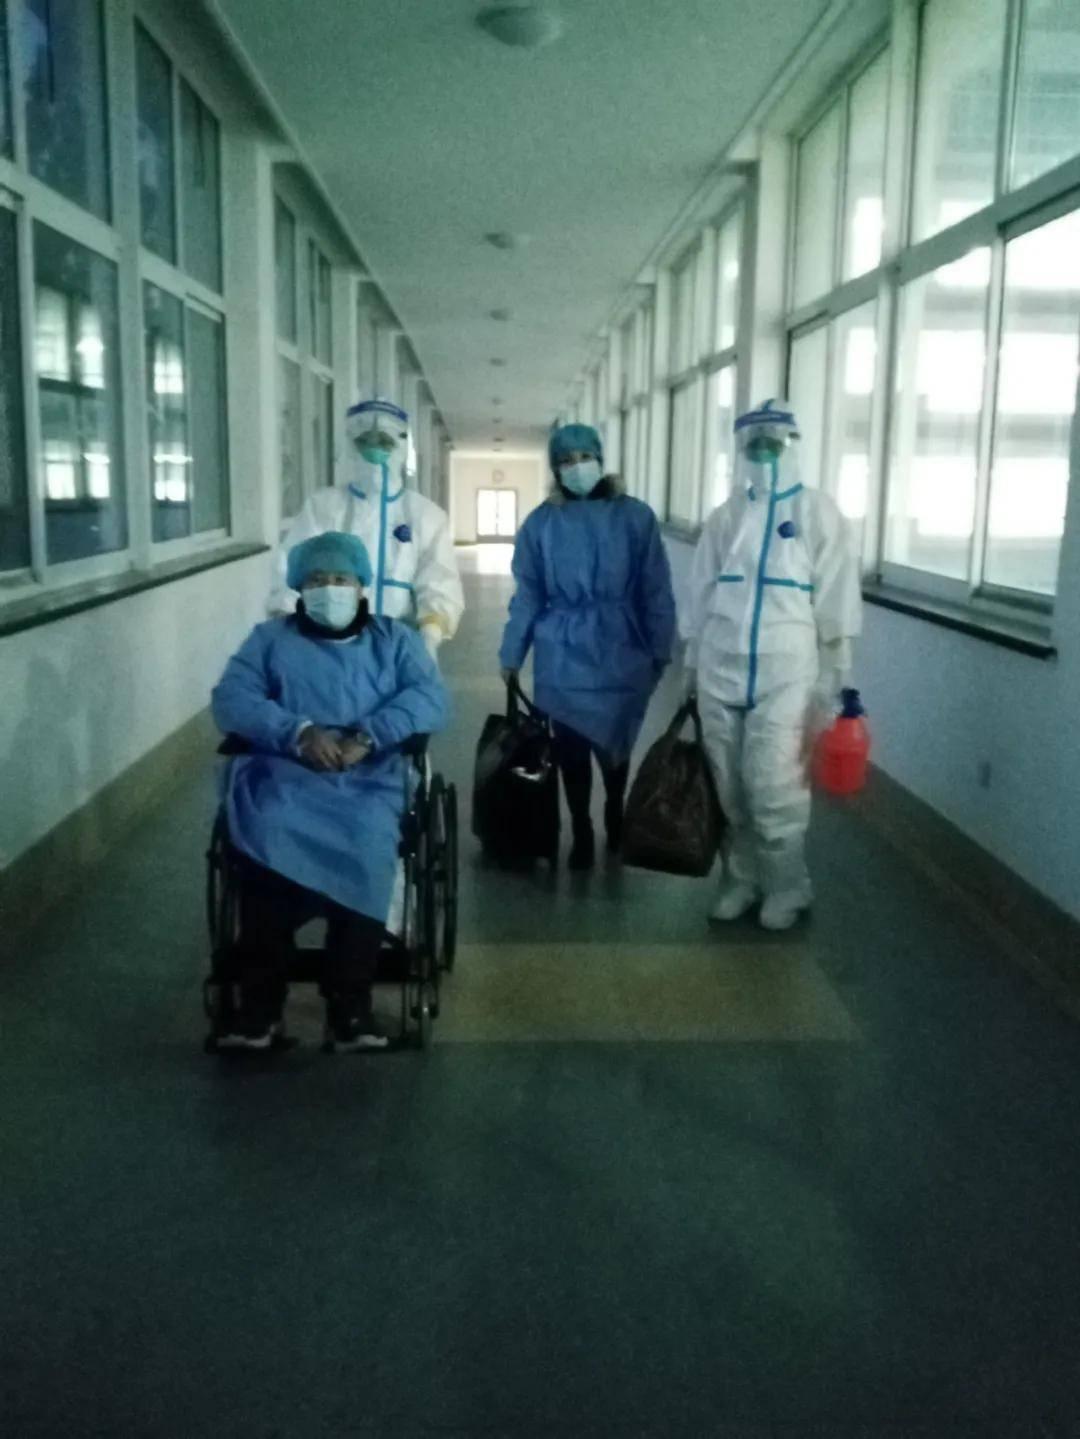 好消息!大连市88岁确诊病例今日出院 累计13人出院